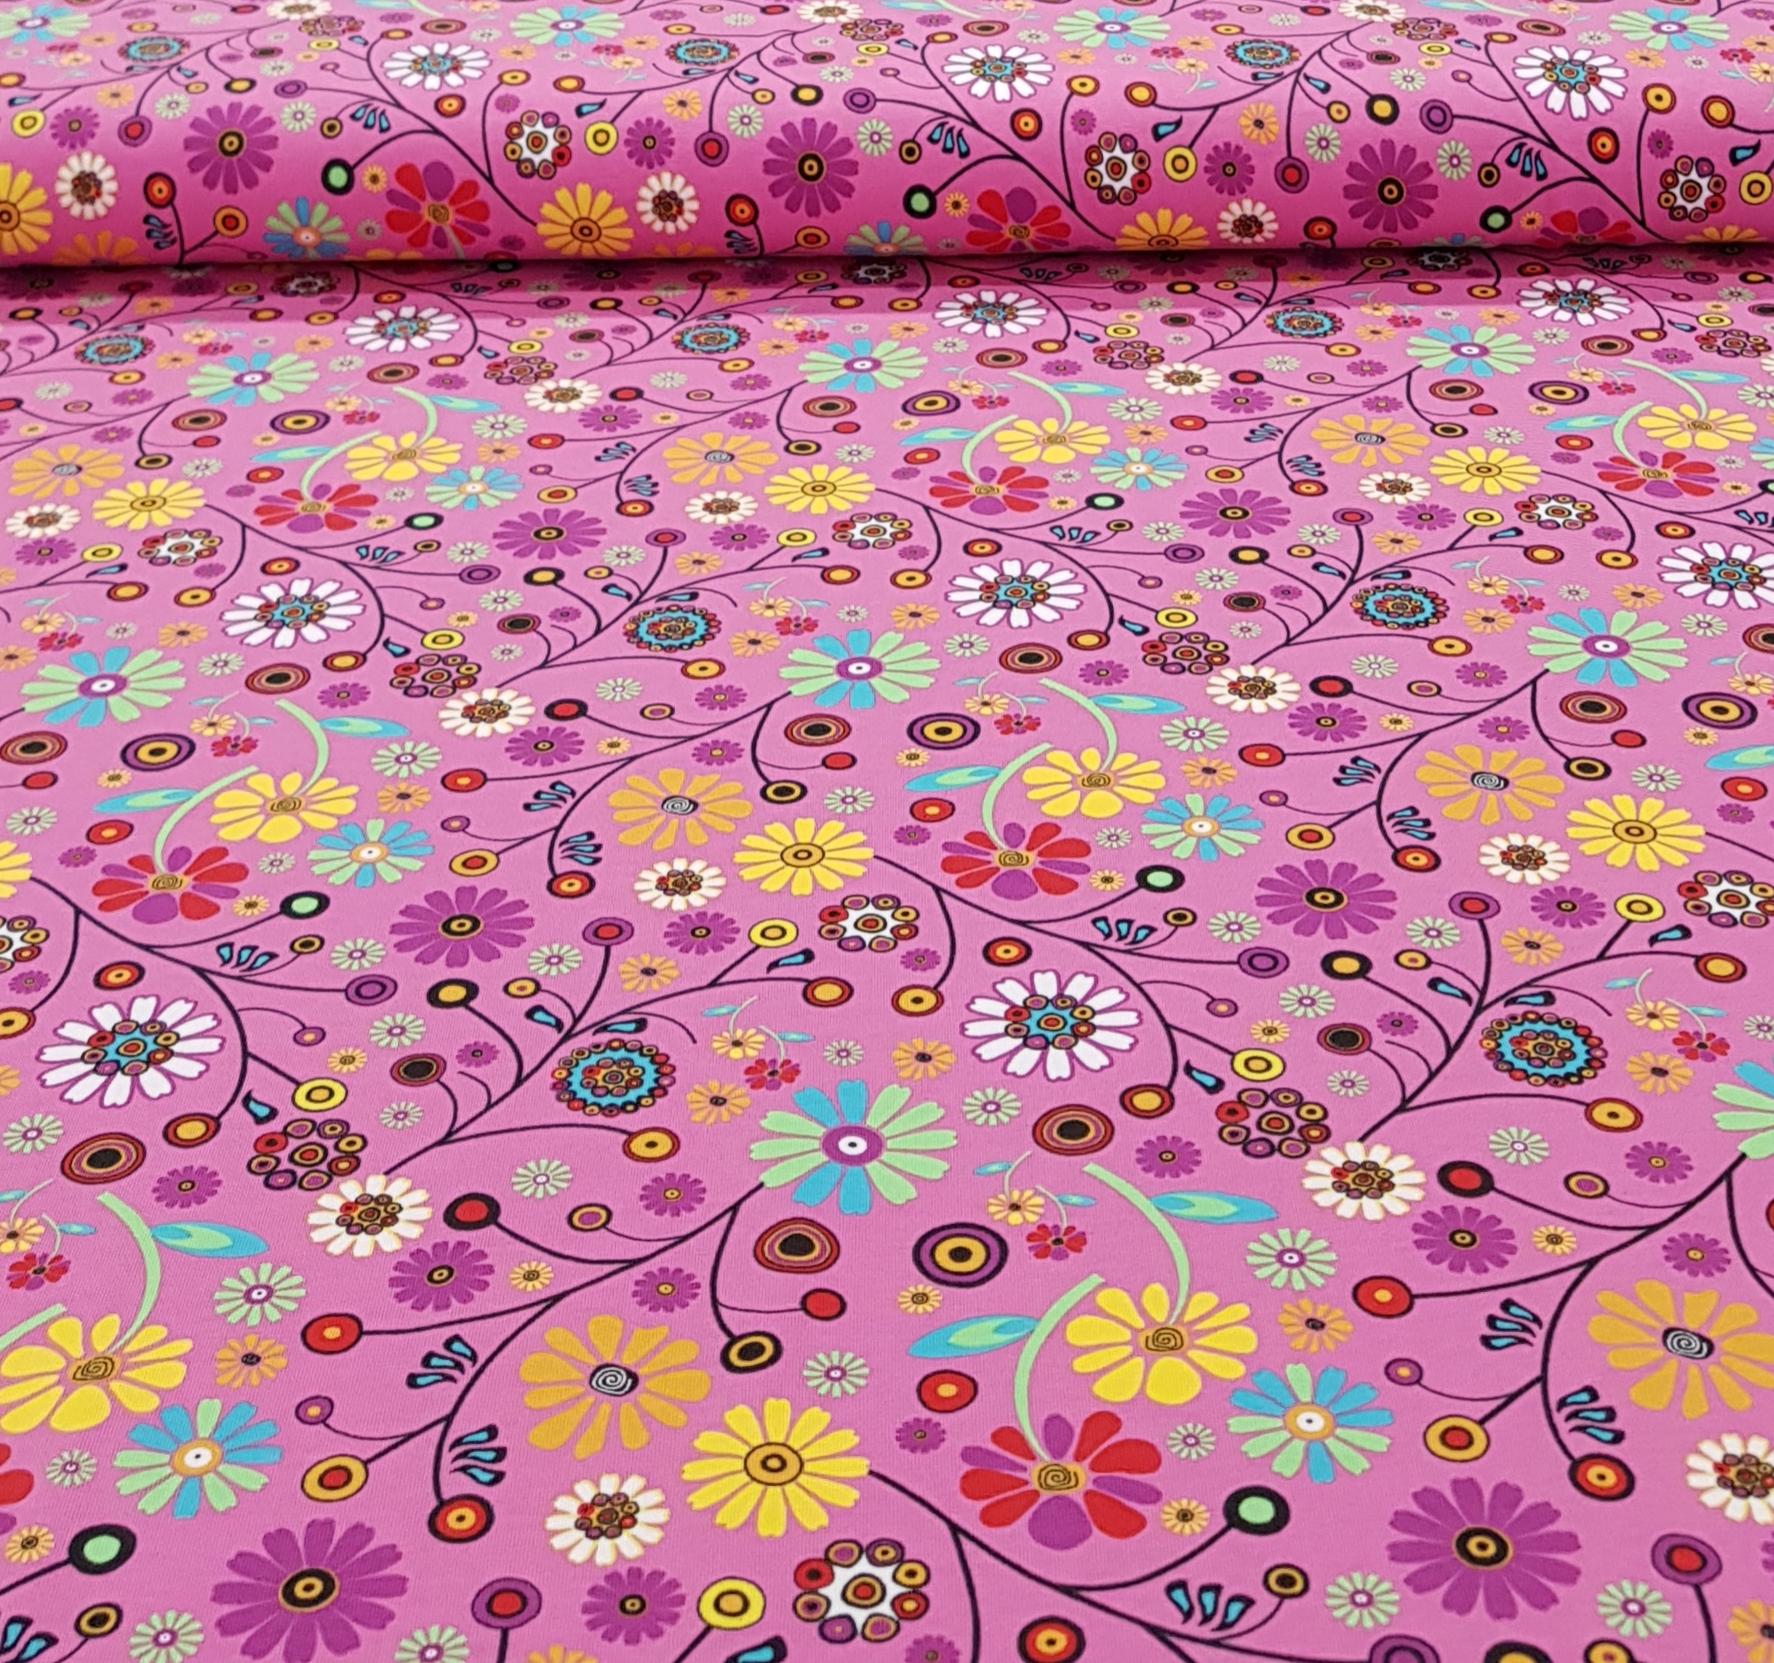 kindertricotkleurrijkebloemenrozegeel